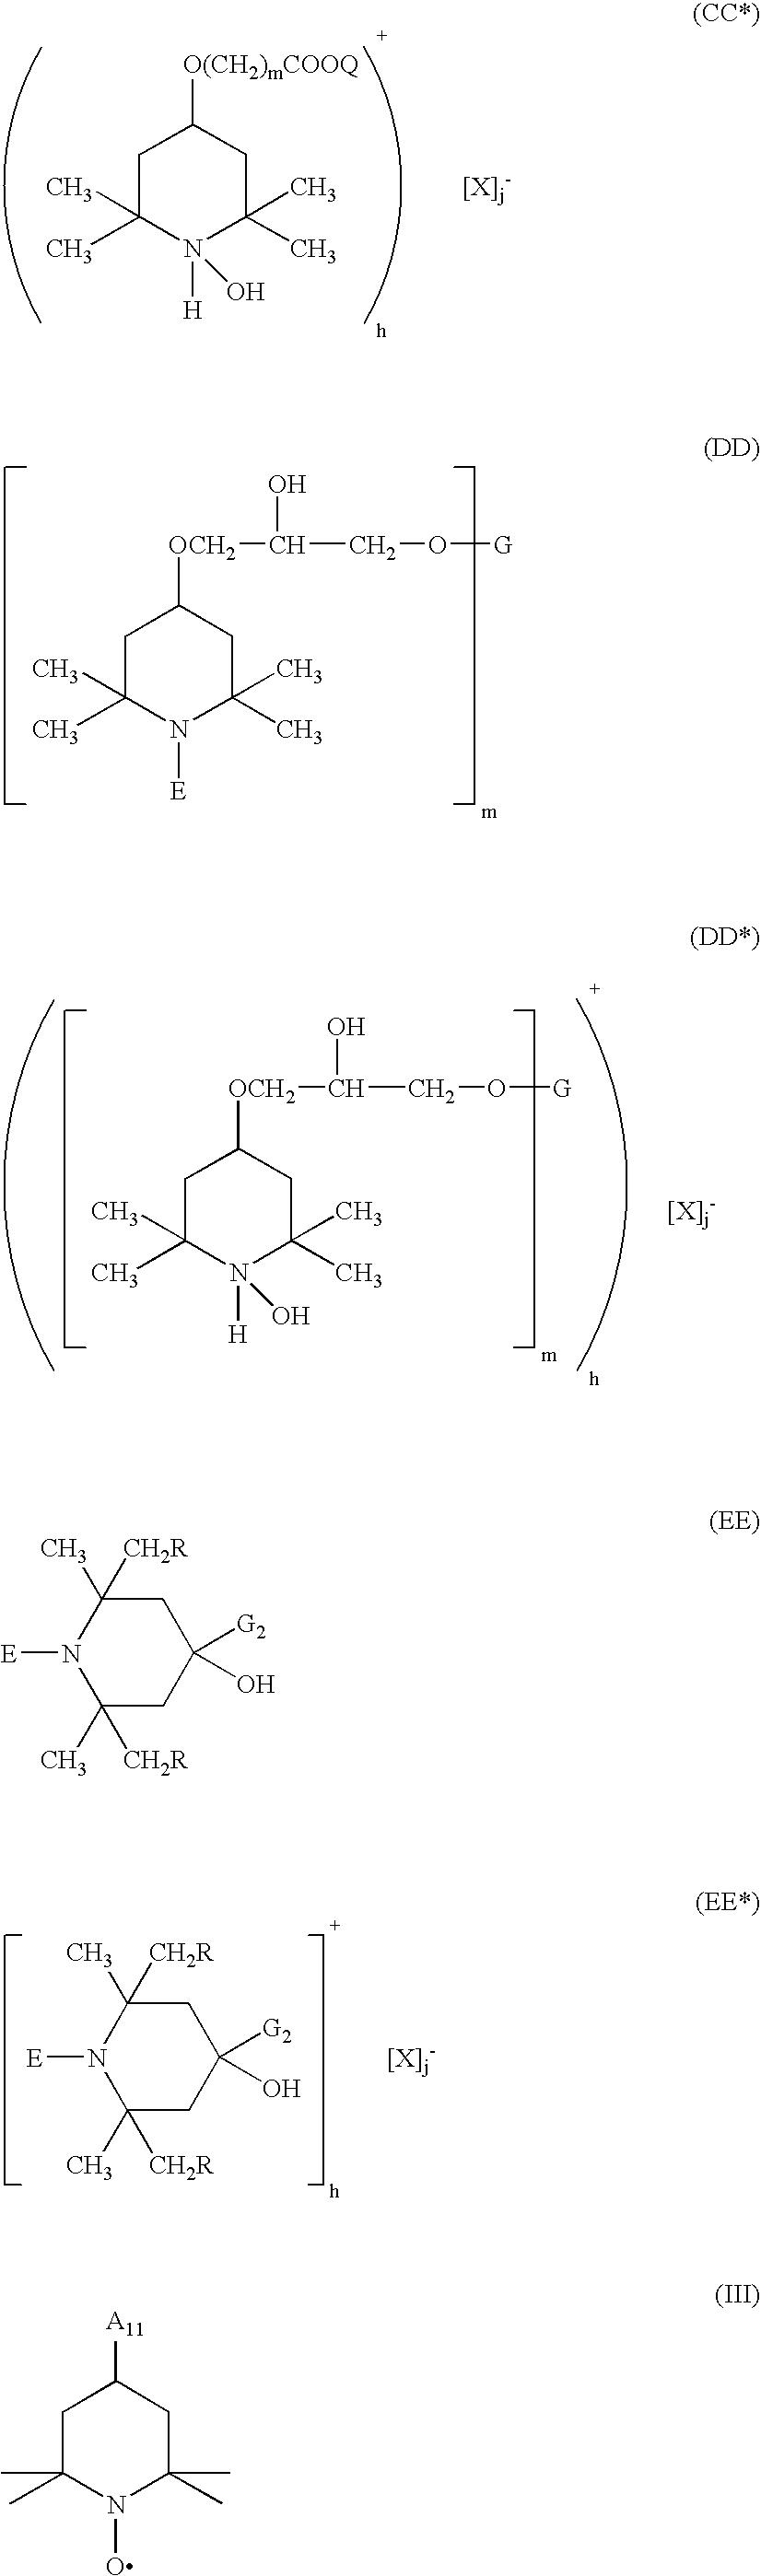 Figure US20040074417A1-20040422-C00025